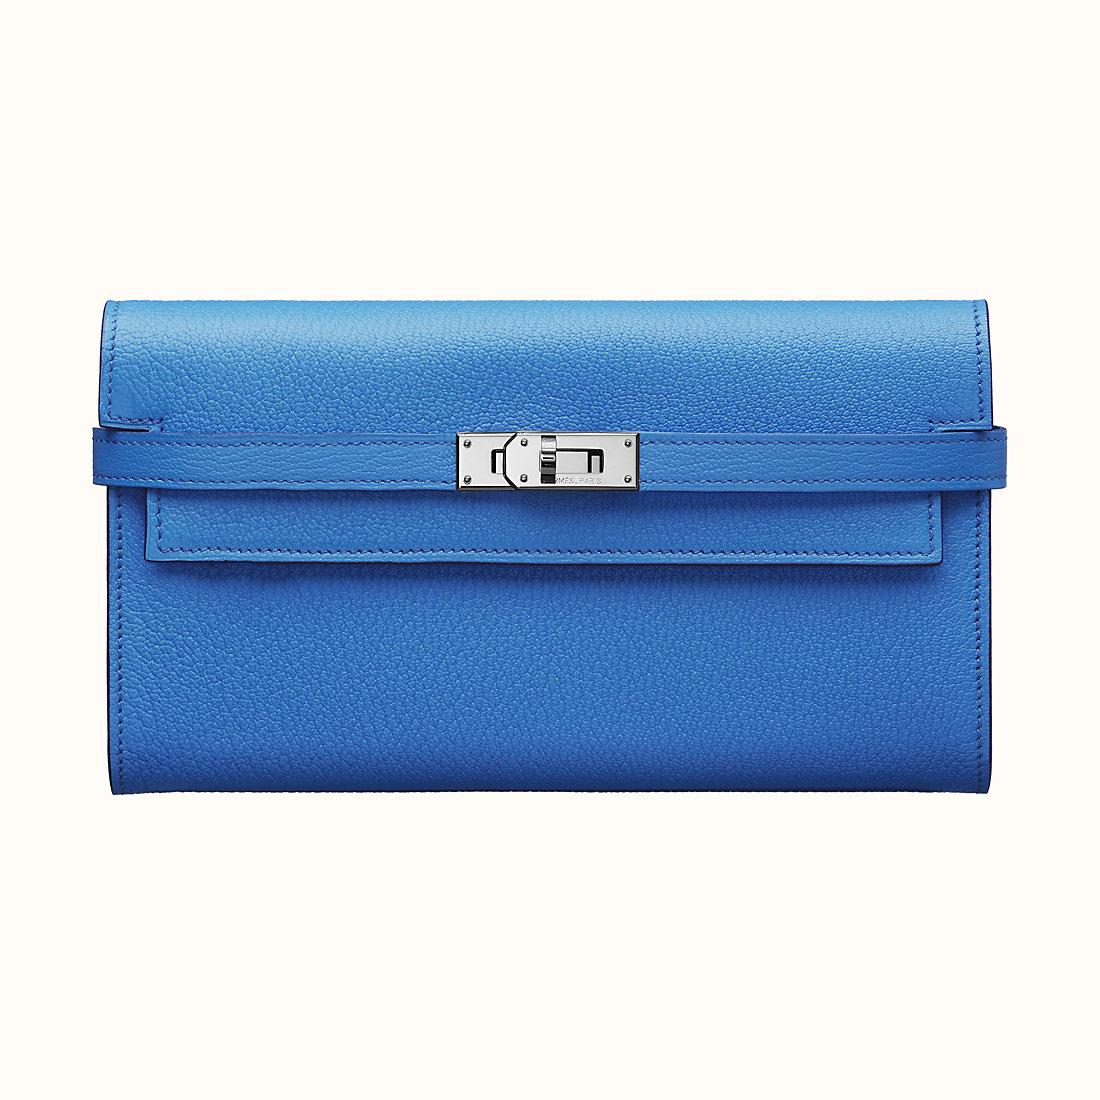 Hermes Kelly classic wallet CKB3 Bleu Zanzibar 坦桑尼亞藍 山羊皮